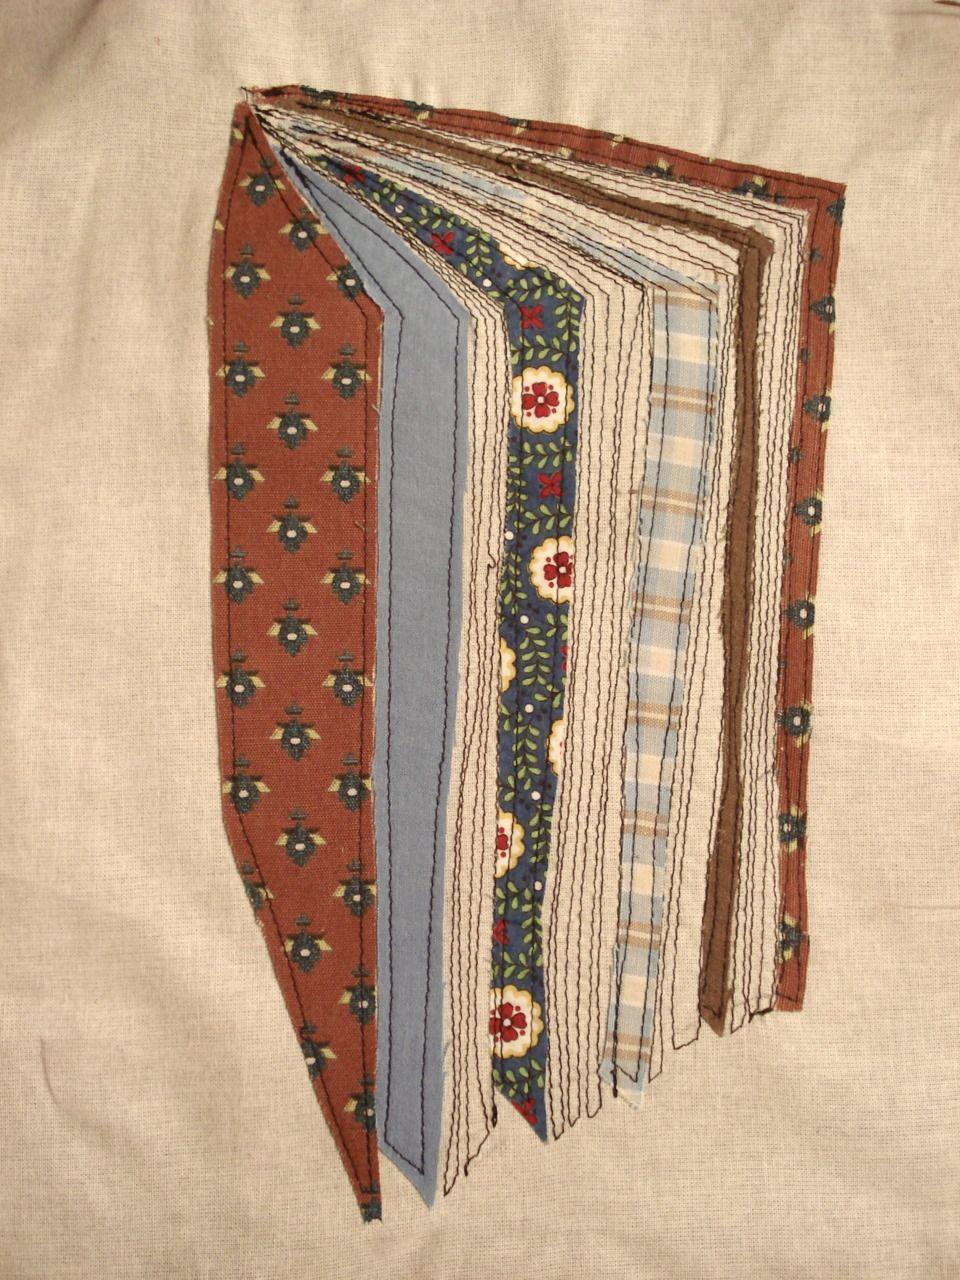 Patchwork book art pinterest book quilt patchwork for Patchwork quilt book